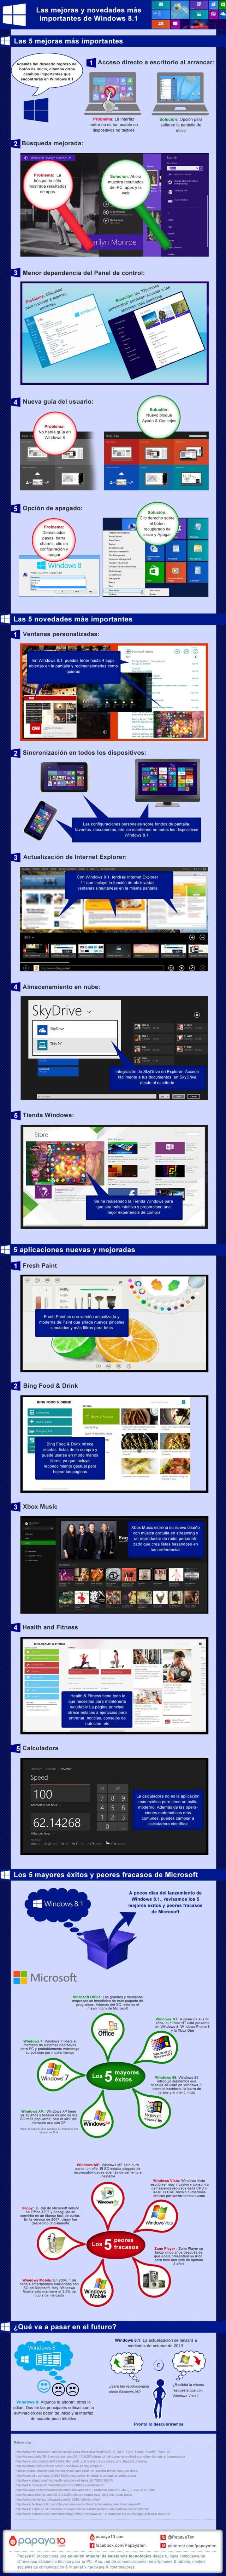 Mejoras y novedades de Windows 8.1